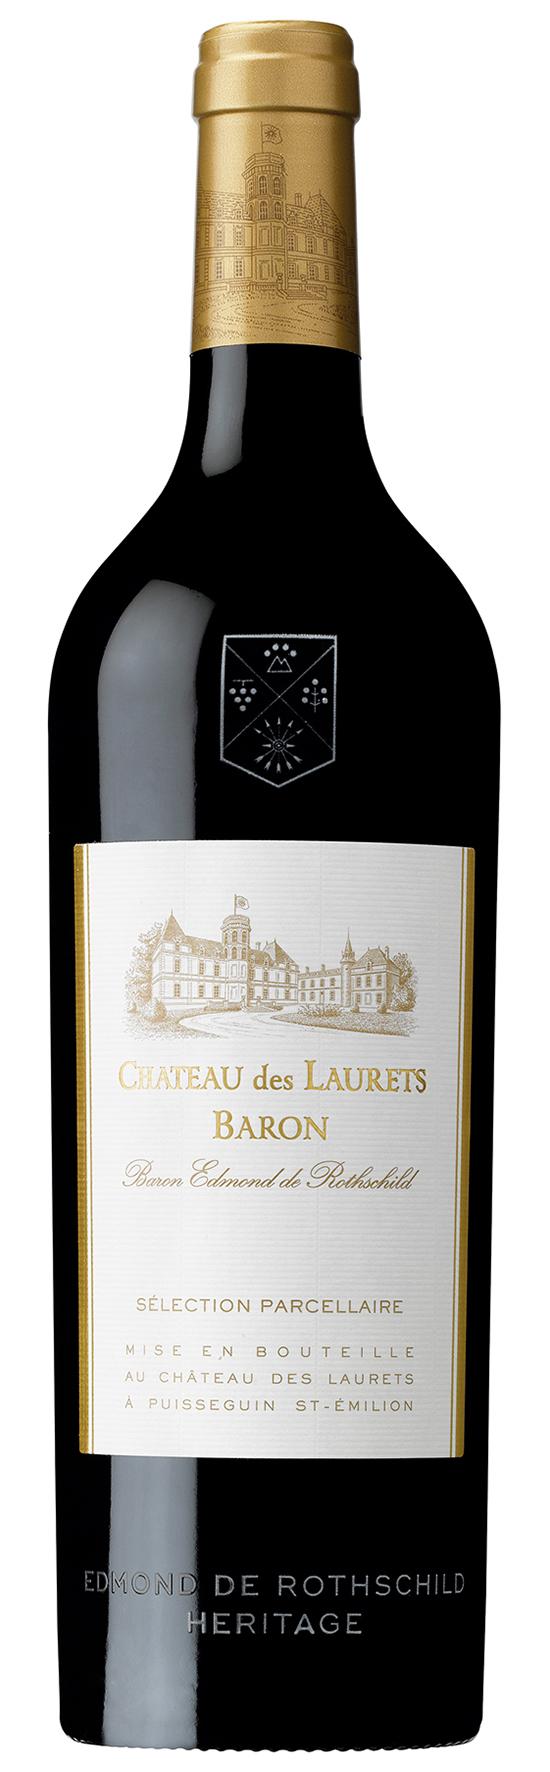 Chateau des Laurets Baron 2018